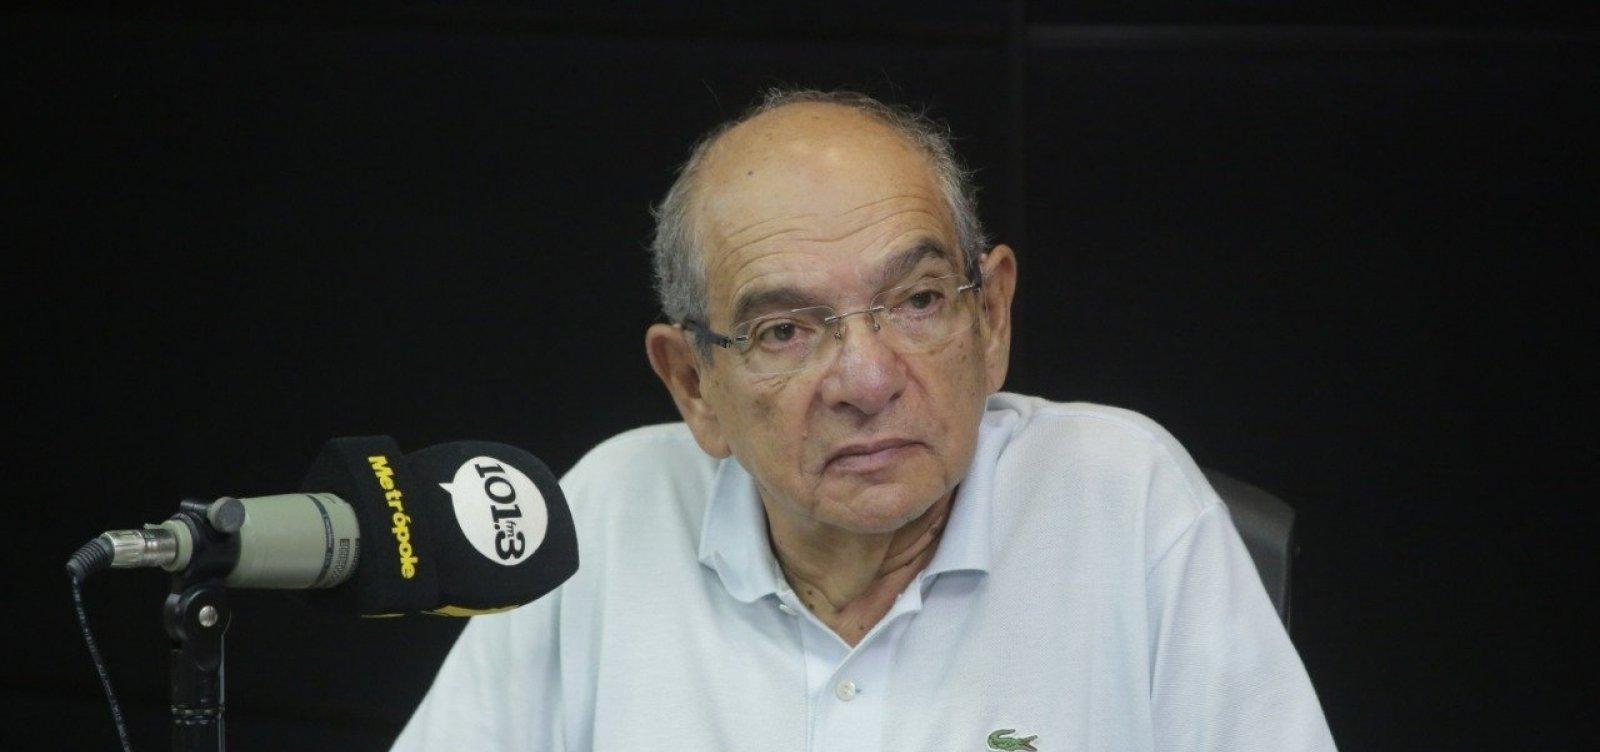 [Bolsonaro incita 'convulsão social' para instaurar regime autoritário, diz MK; ouça]